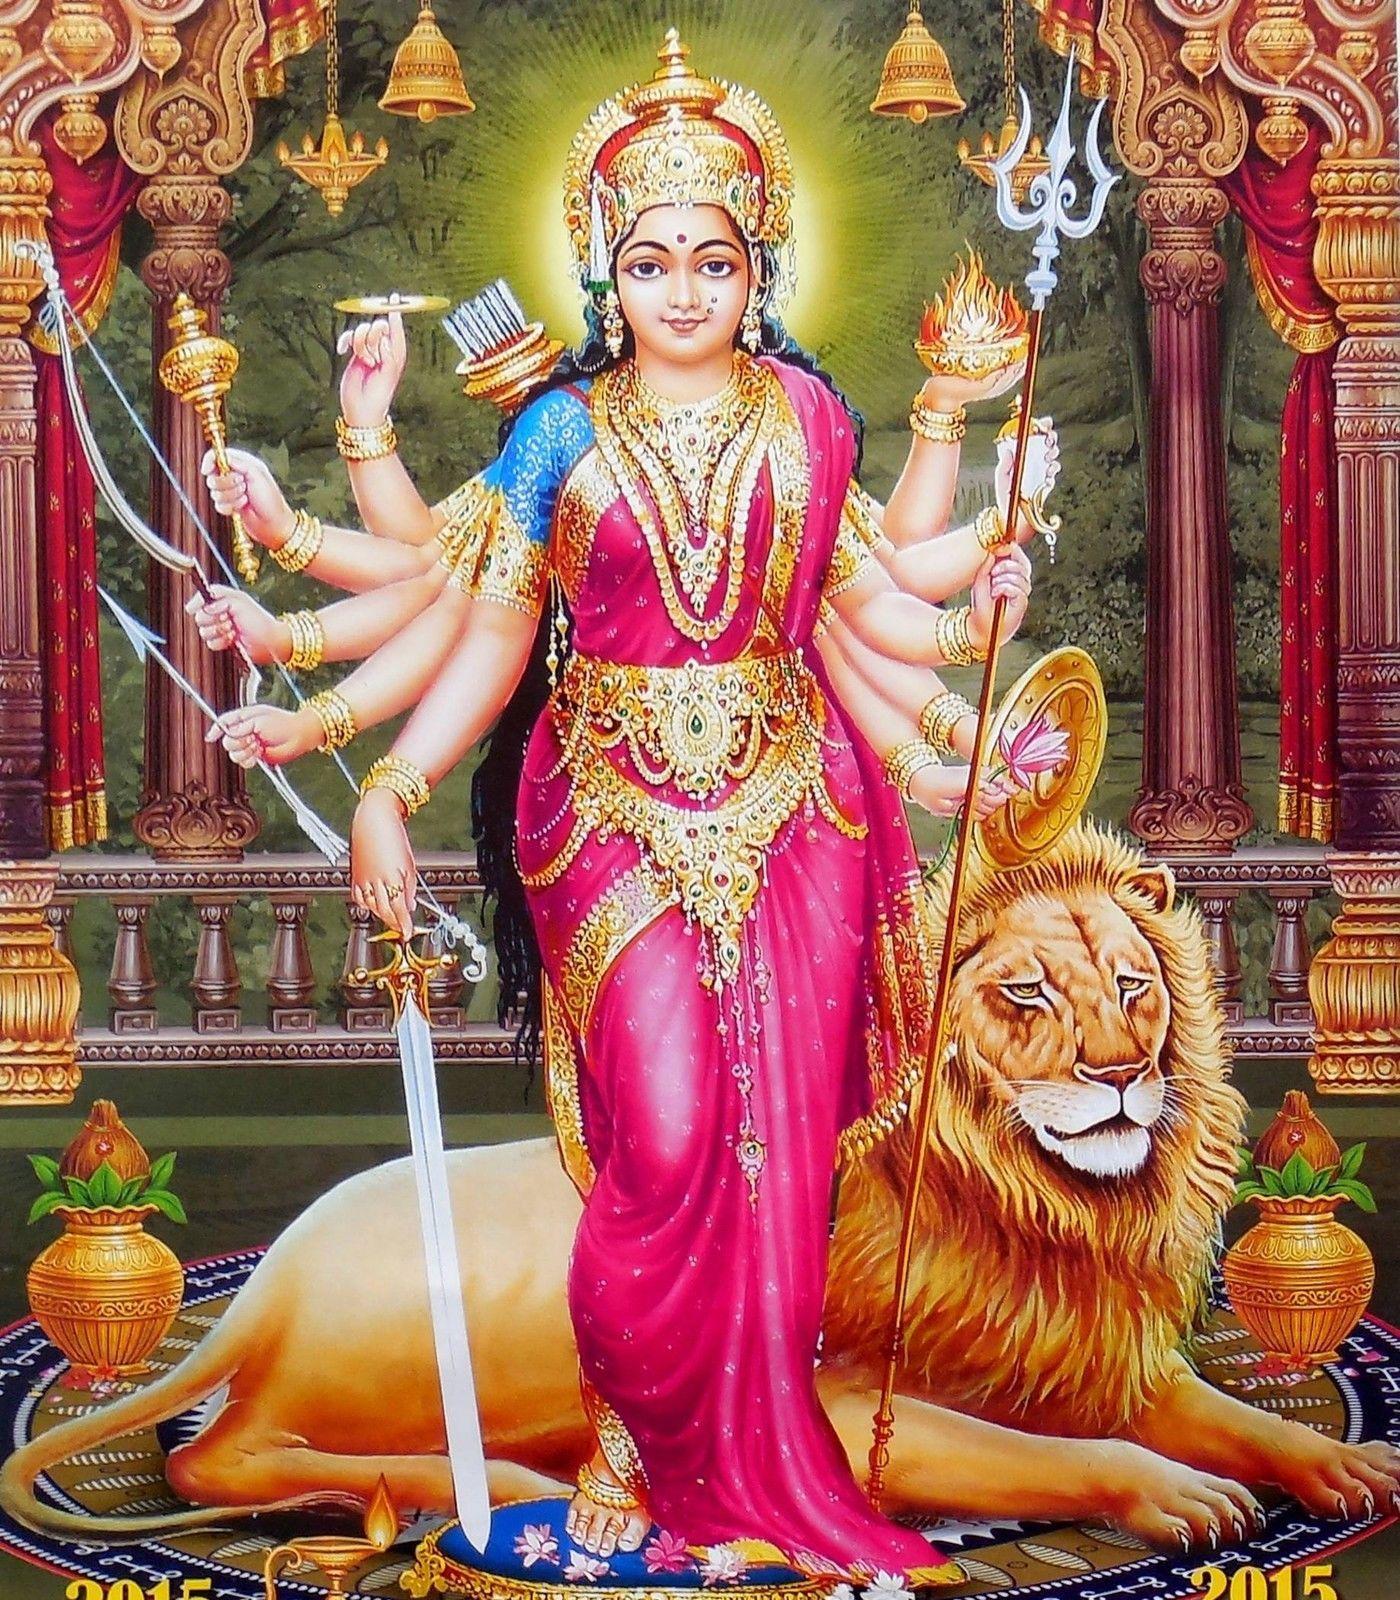 Bildergebnis für Durga